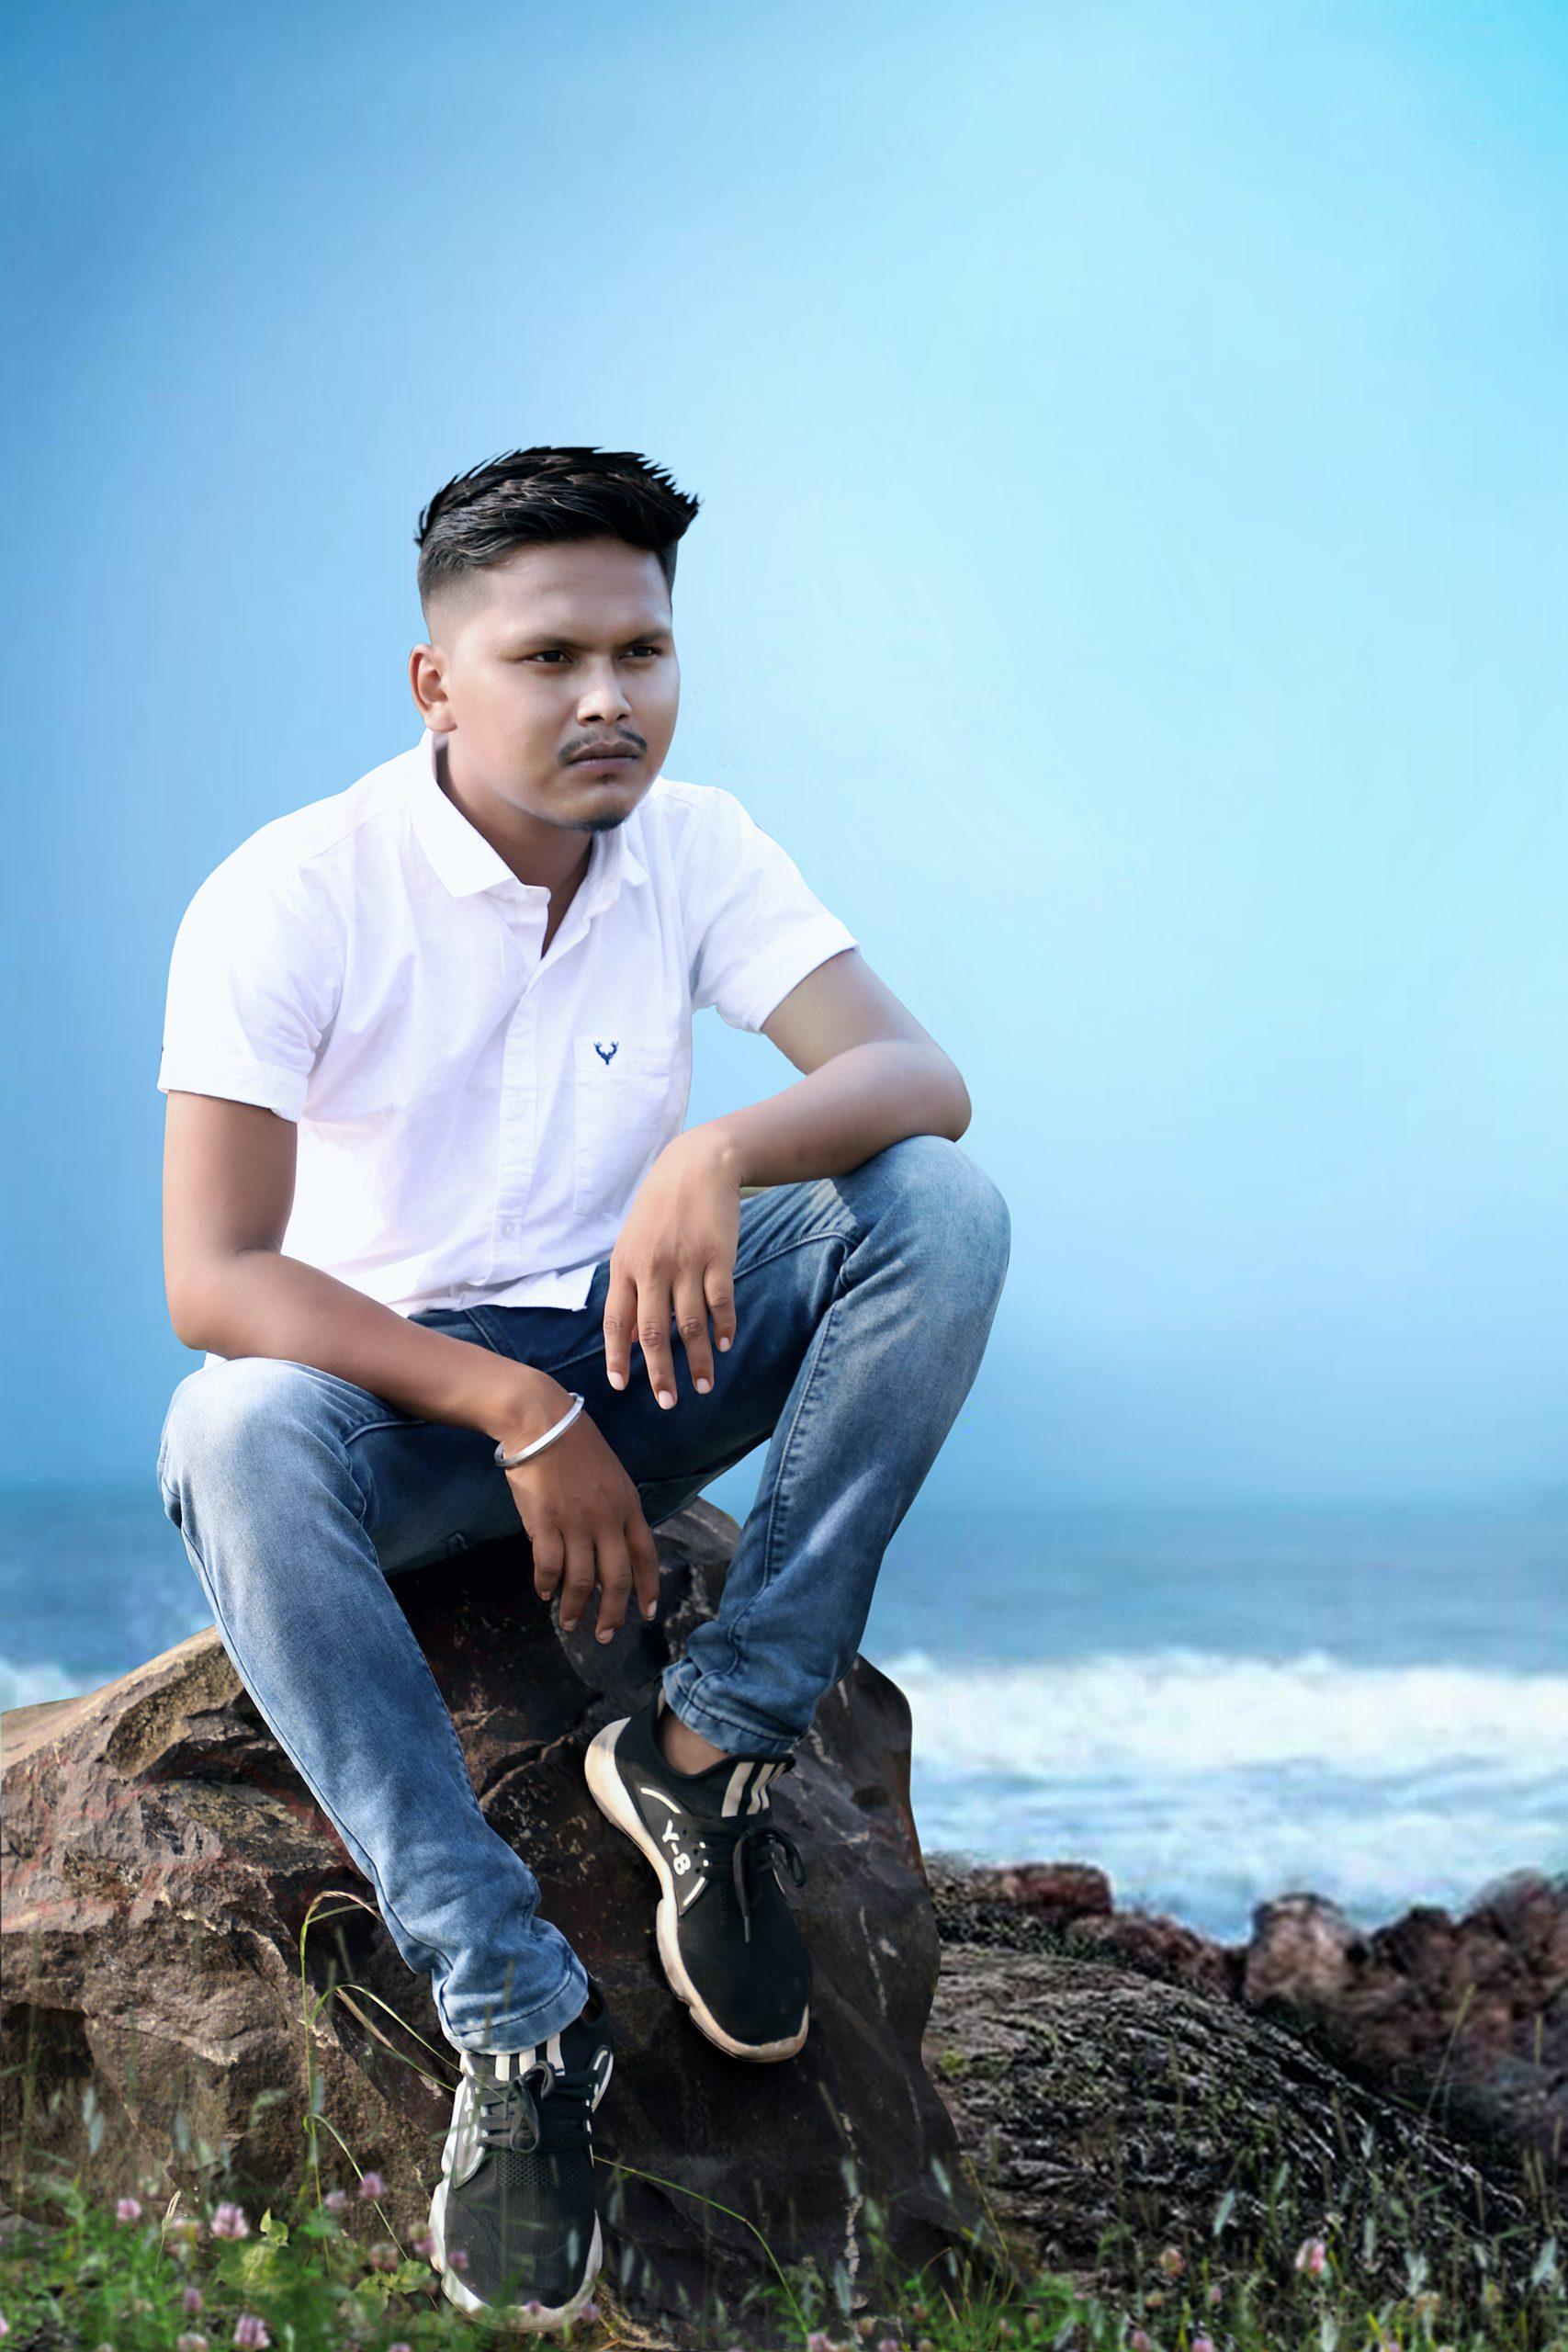 A boy sitting on a rock